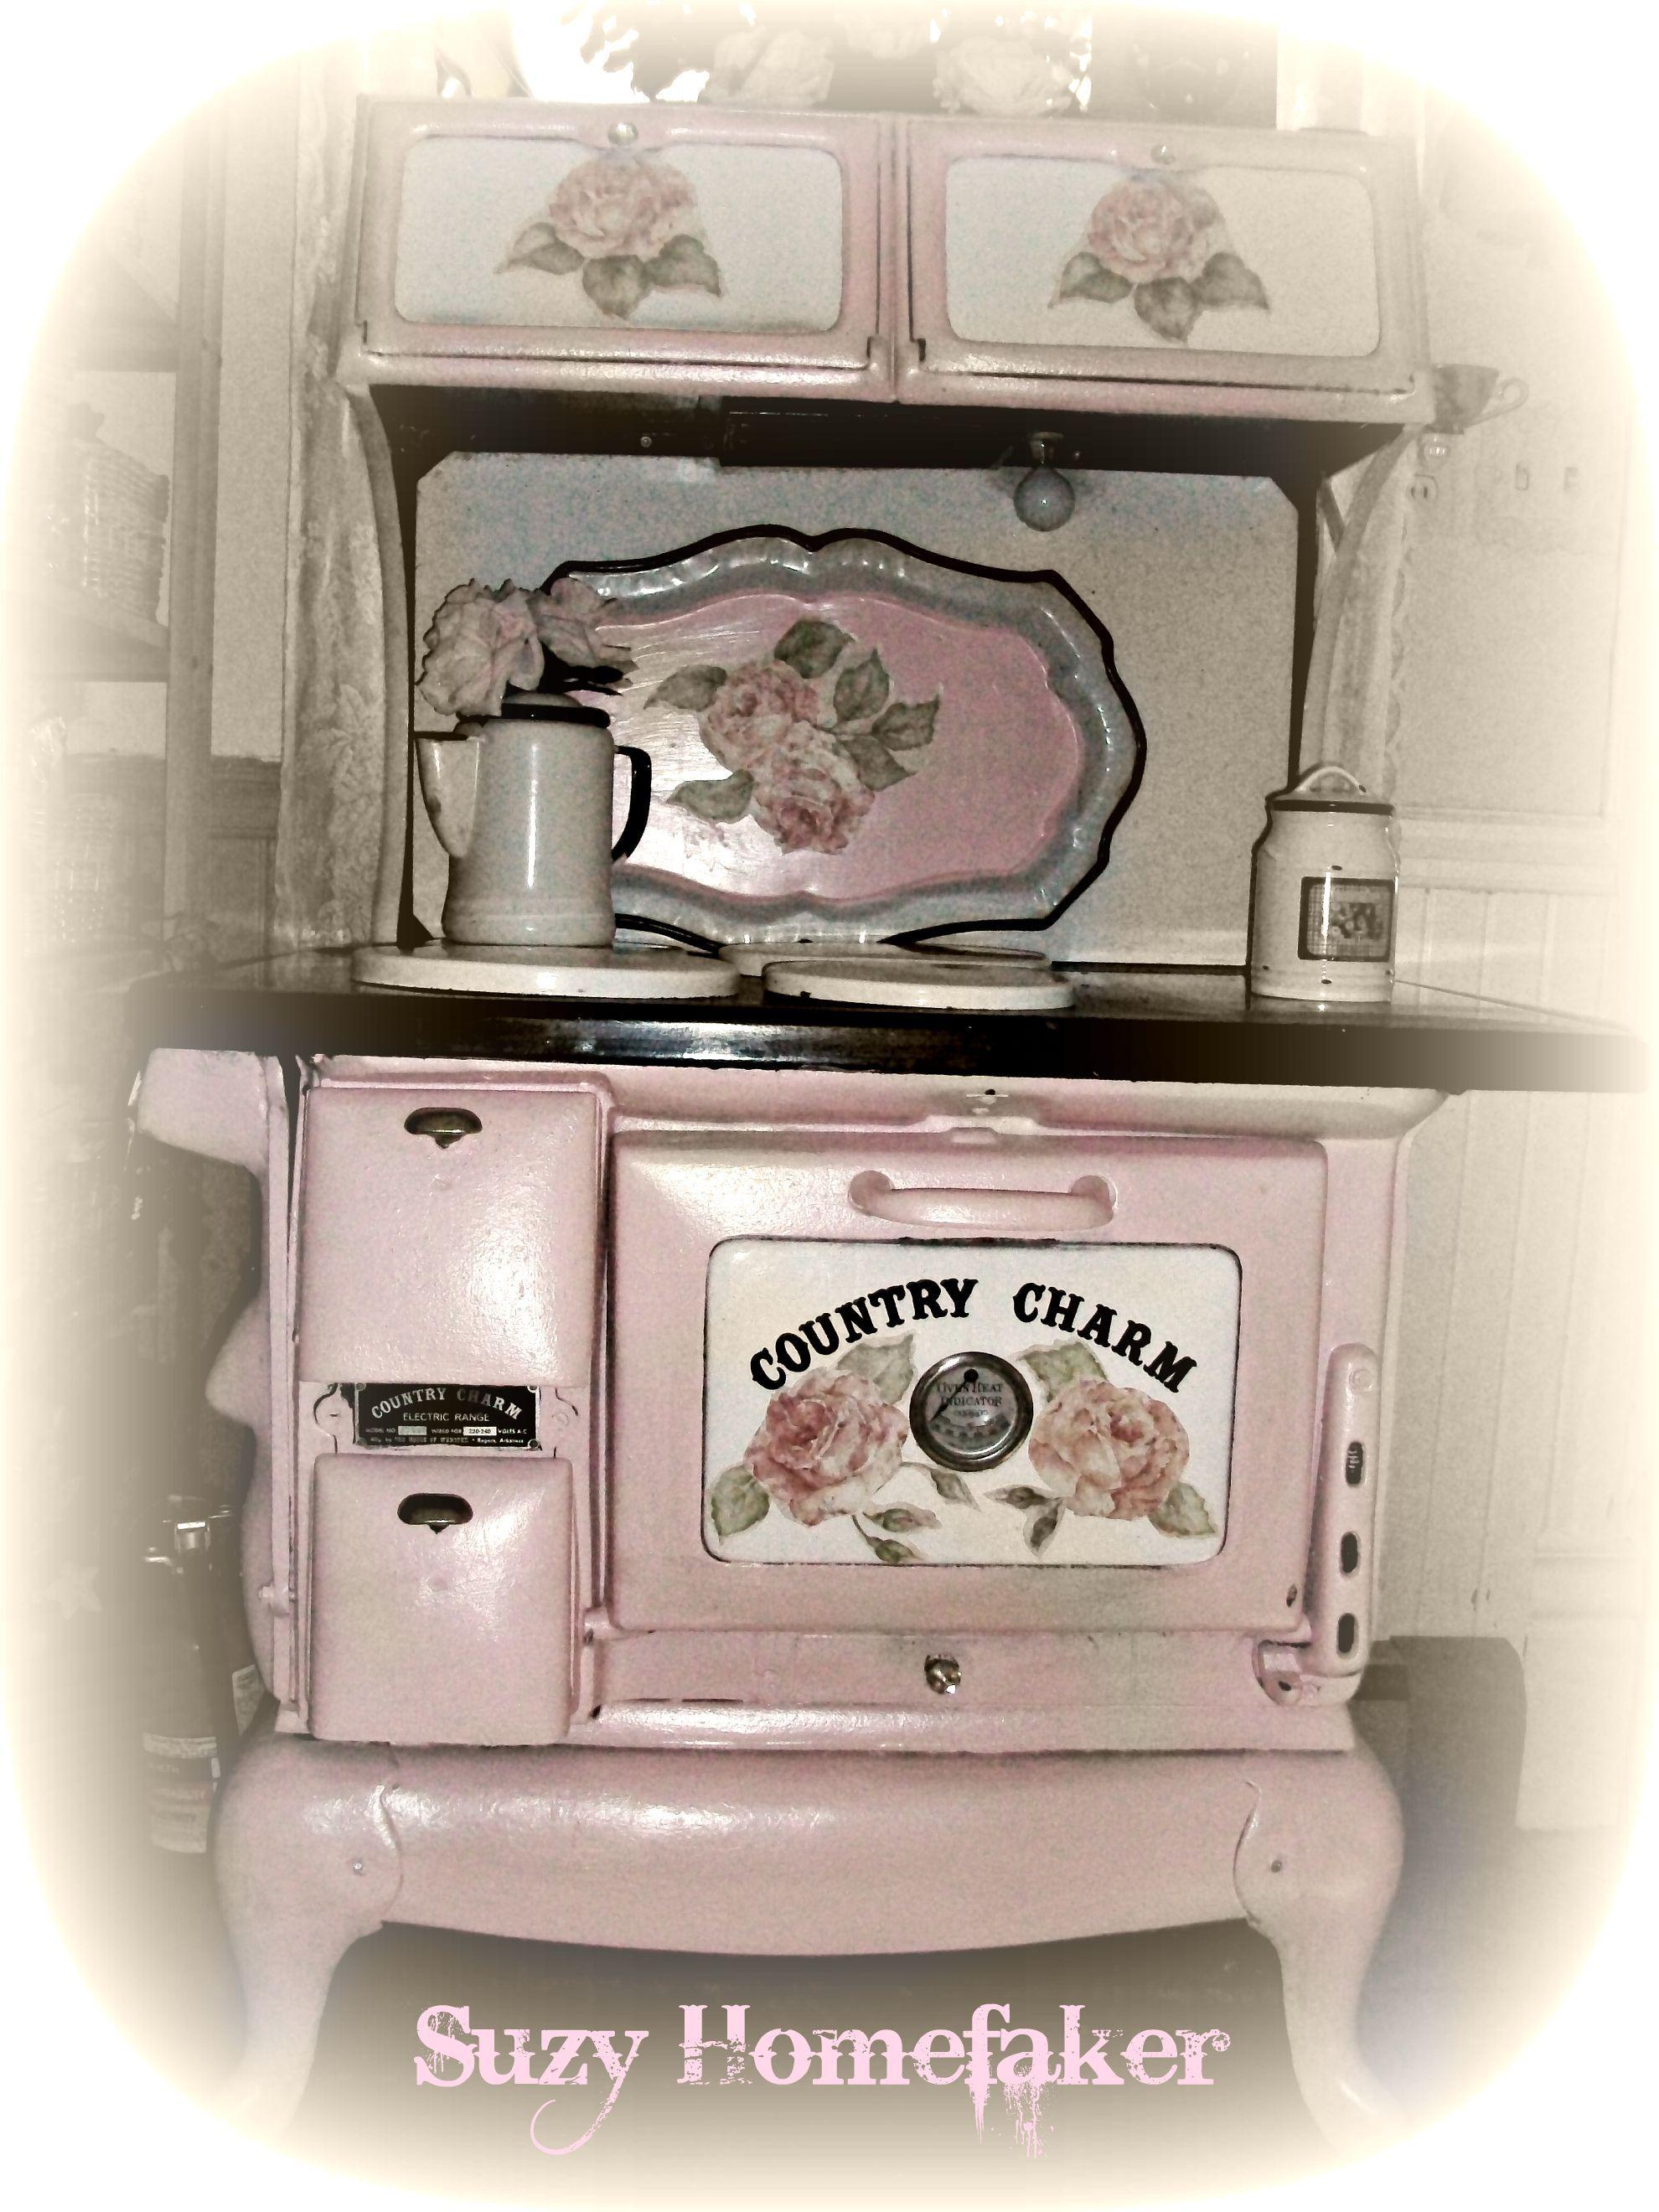 Pink stove fogones cocinas economicas estufas de for Cocinas economicas de lena antiguas